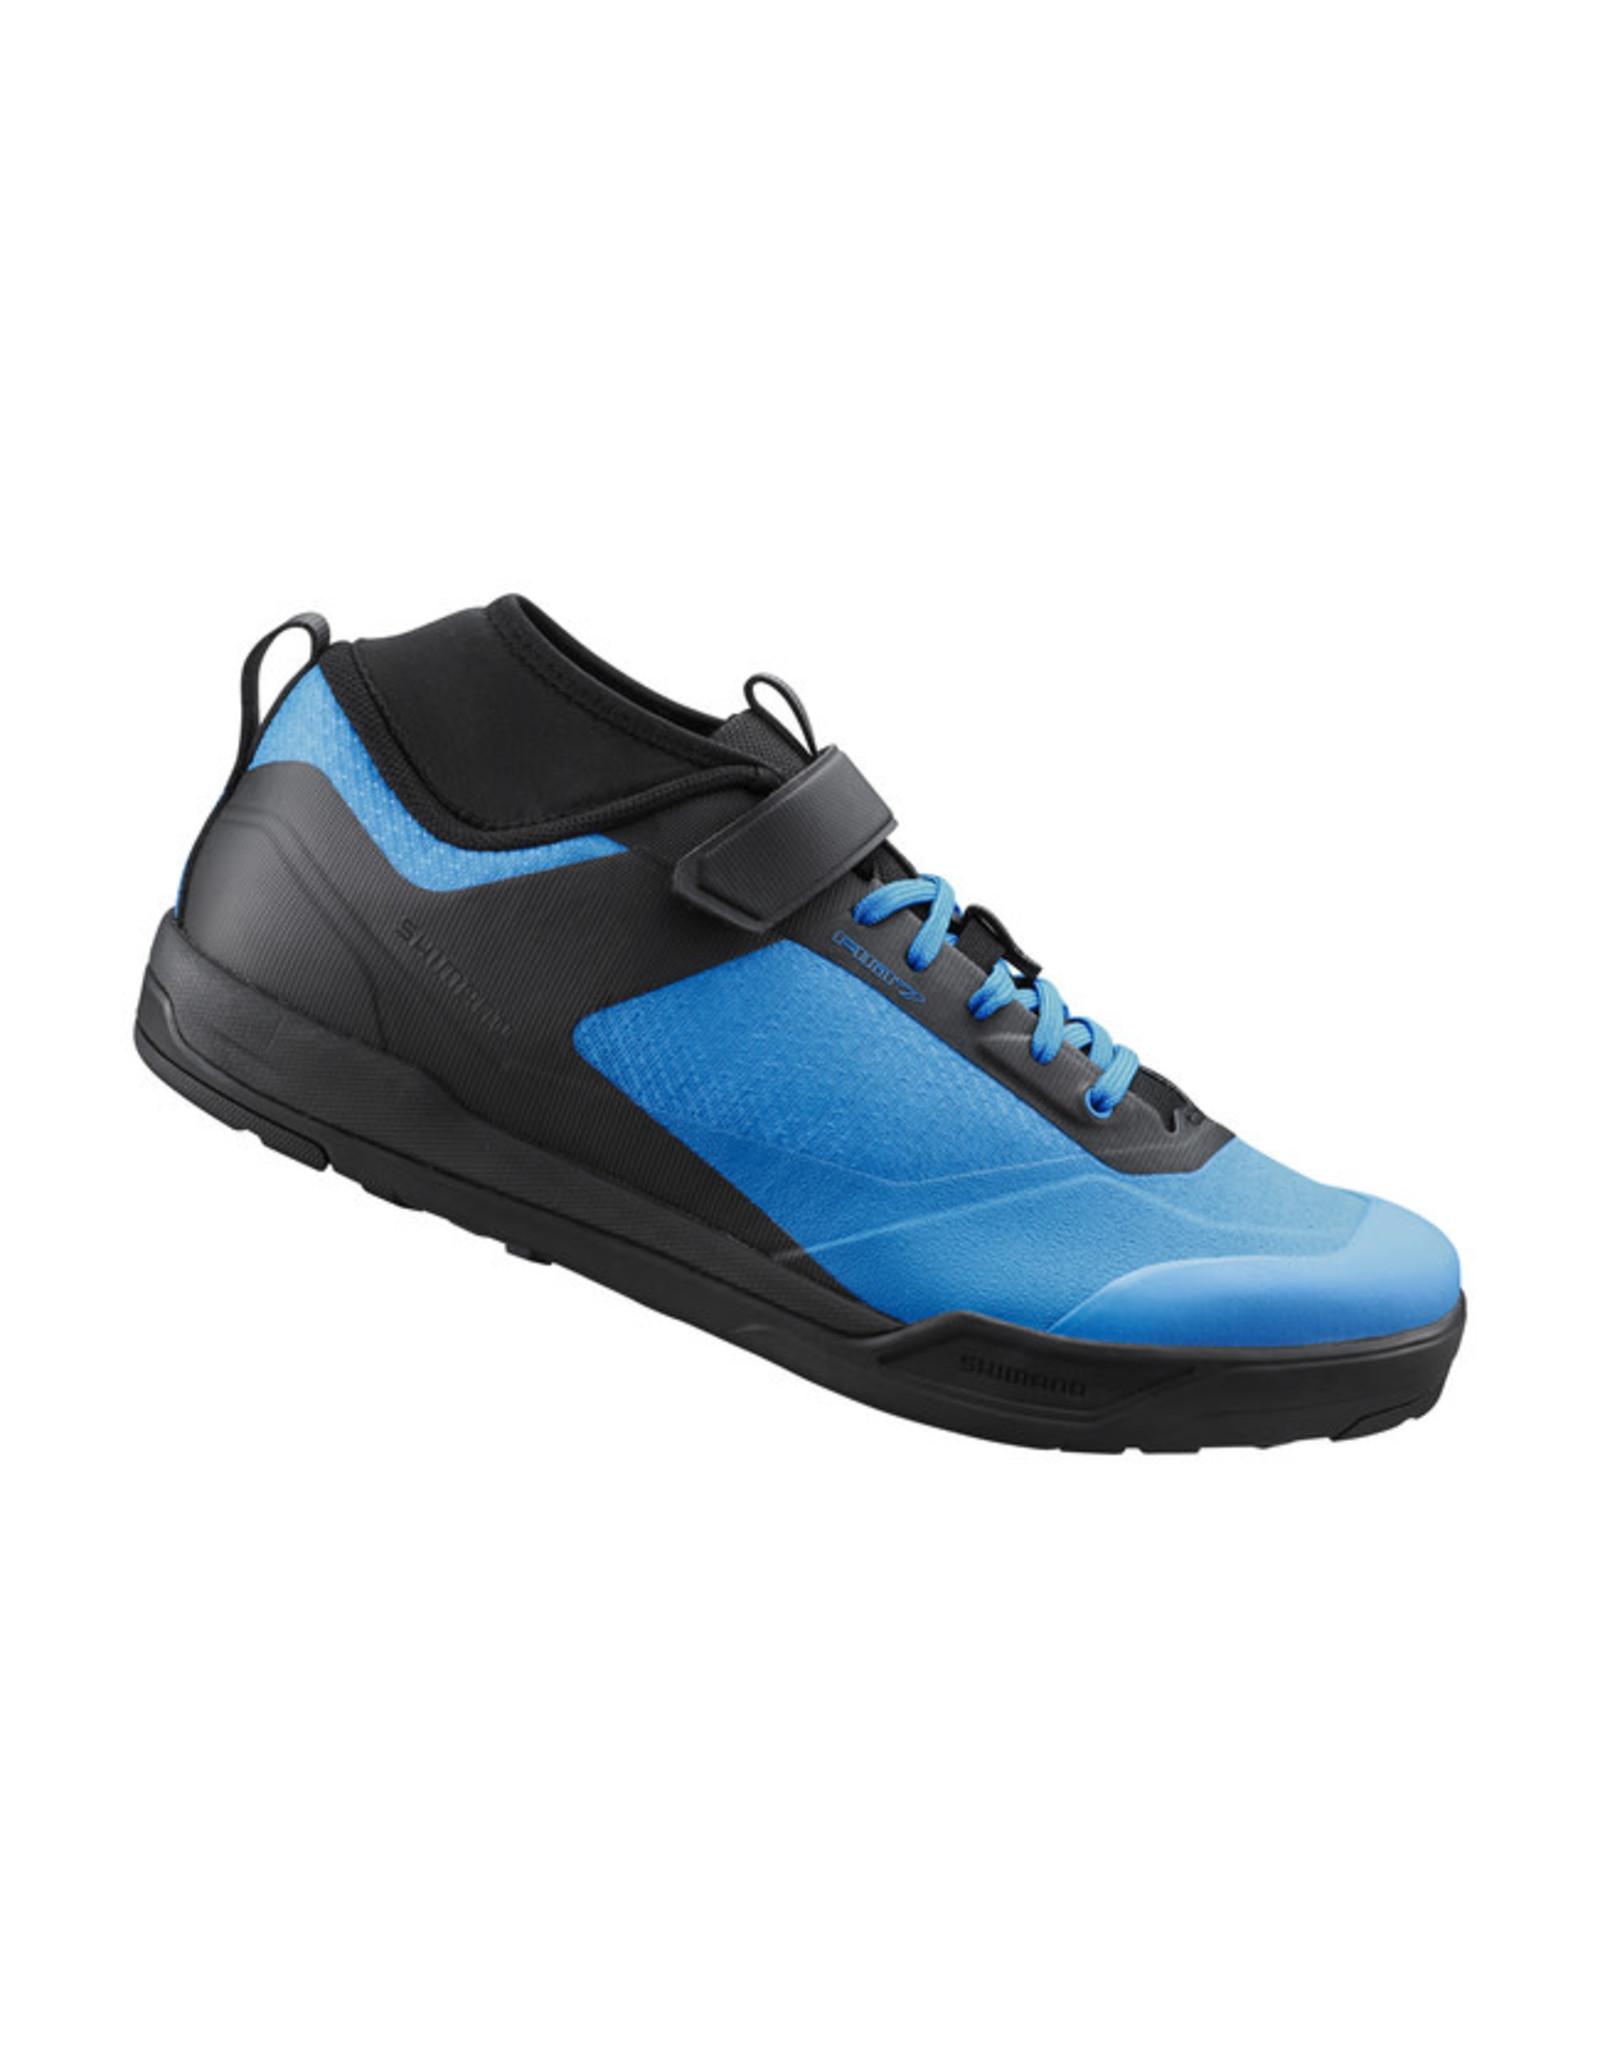 Shimano Shimano AM702 shoes